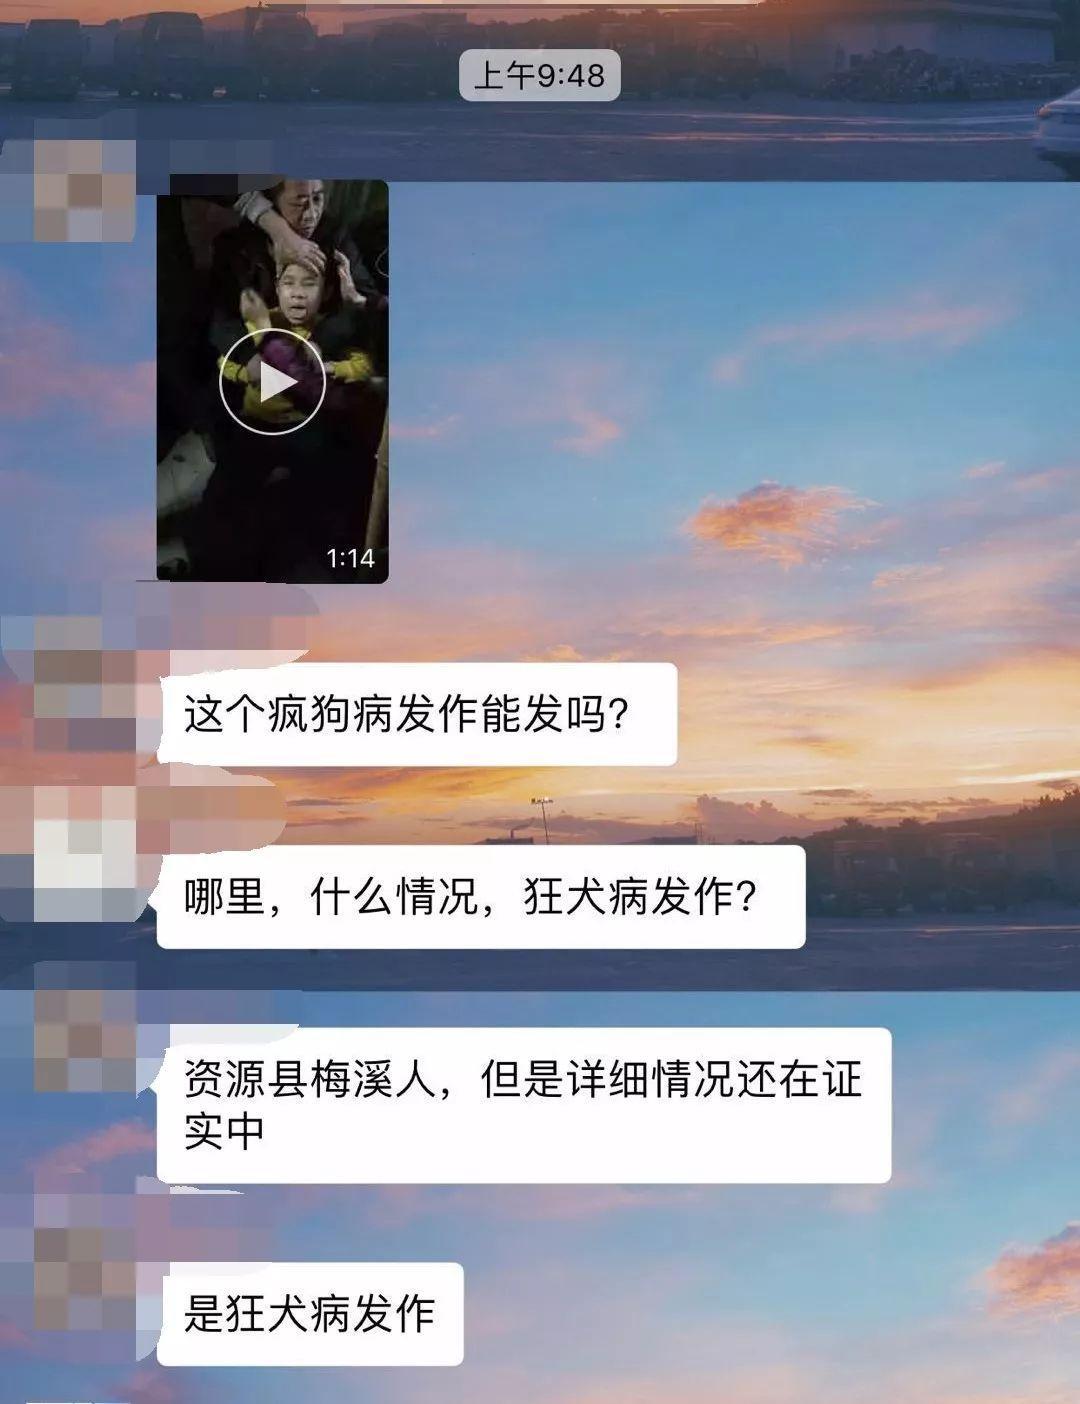 表情 突发 桂林一男童狂犬病发作 学狗狂叫不止 真相竟是 天天快报 表情